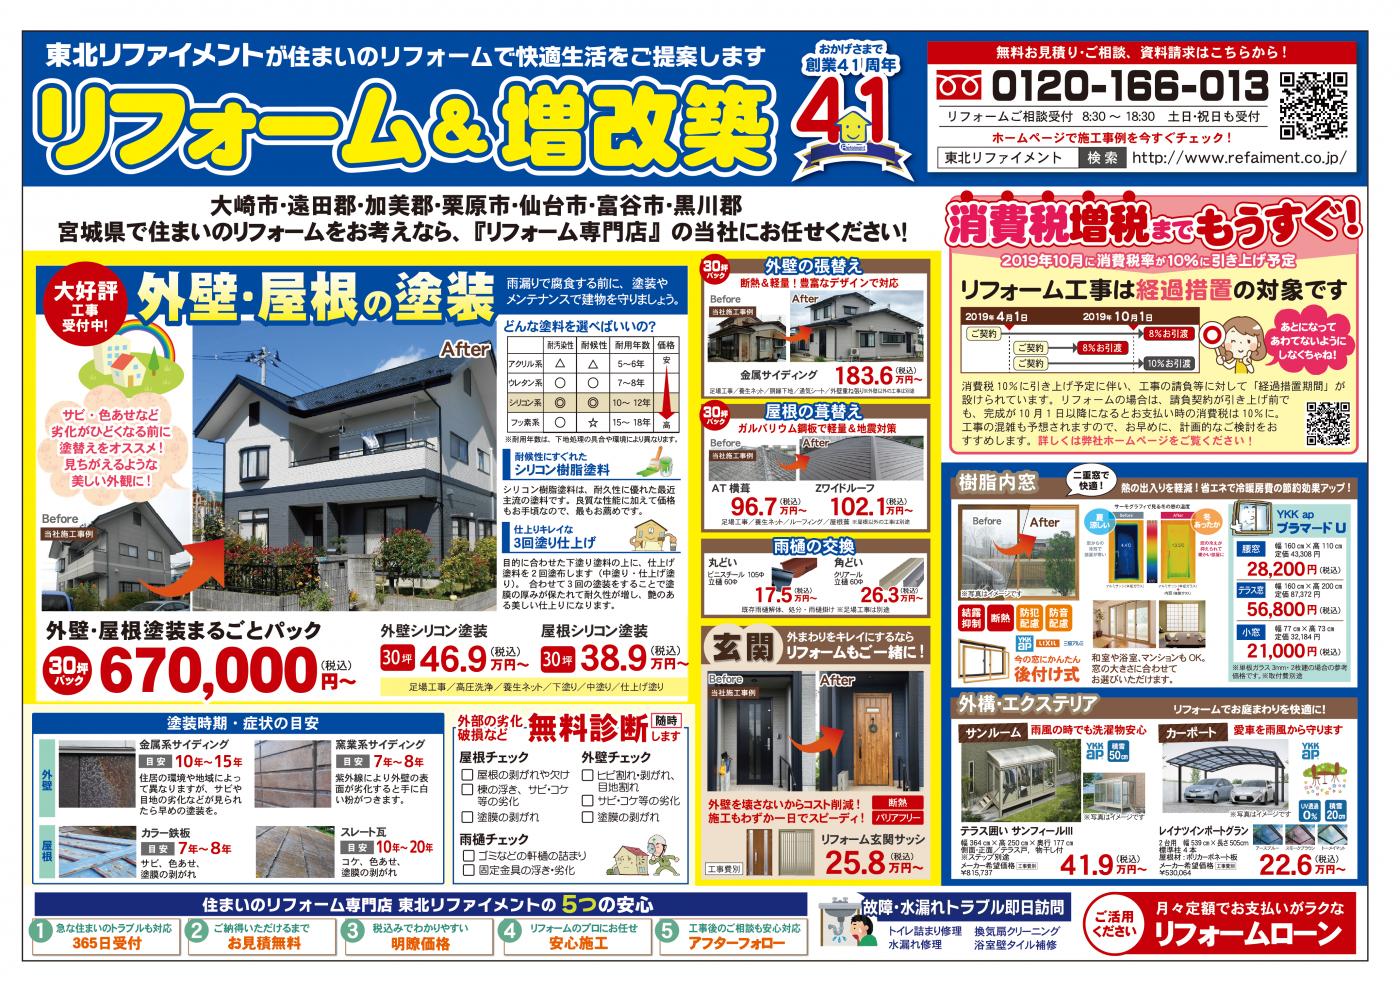 広告(2019_02_09) リフォーム総合 B4 OTL 表